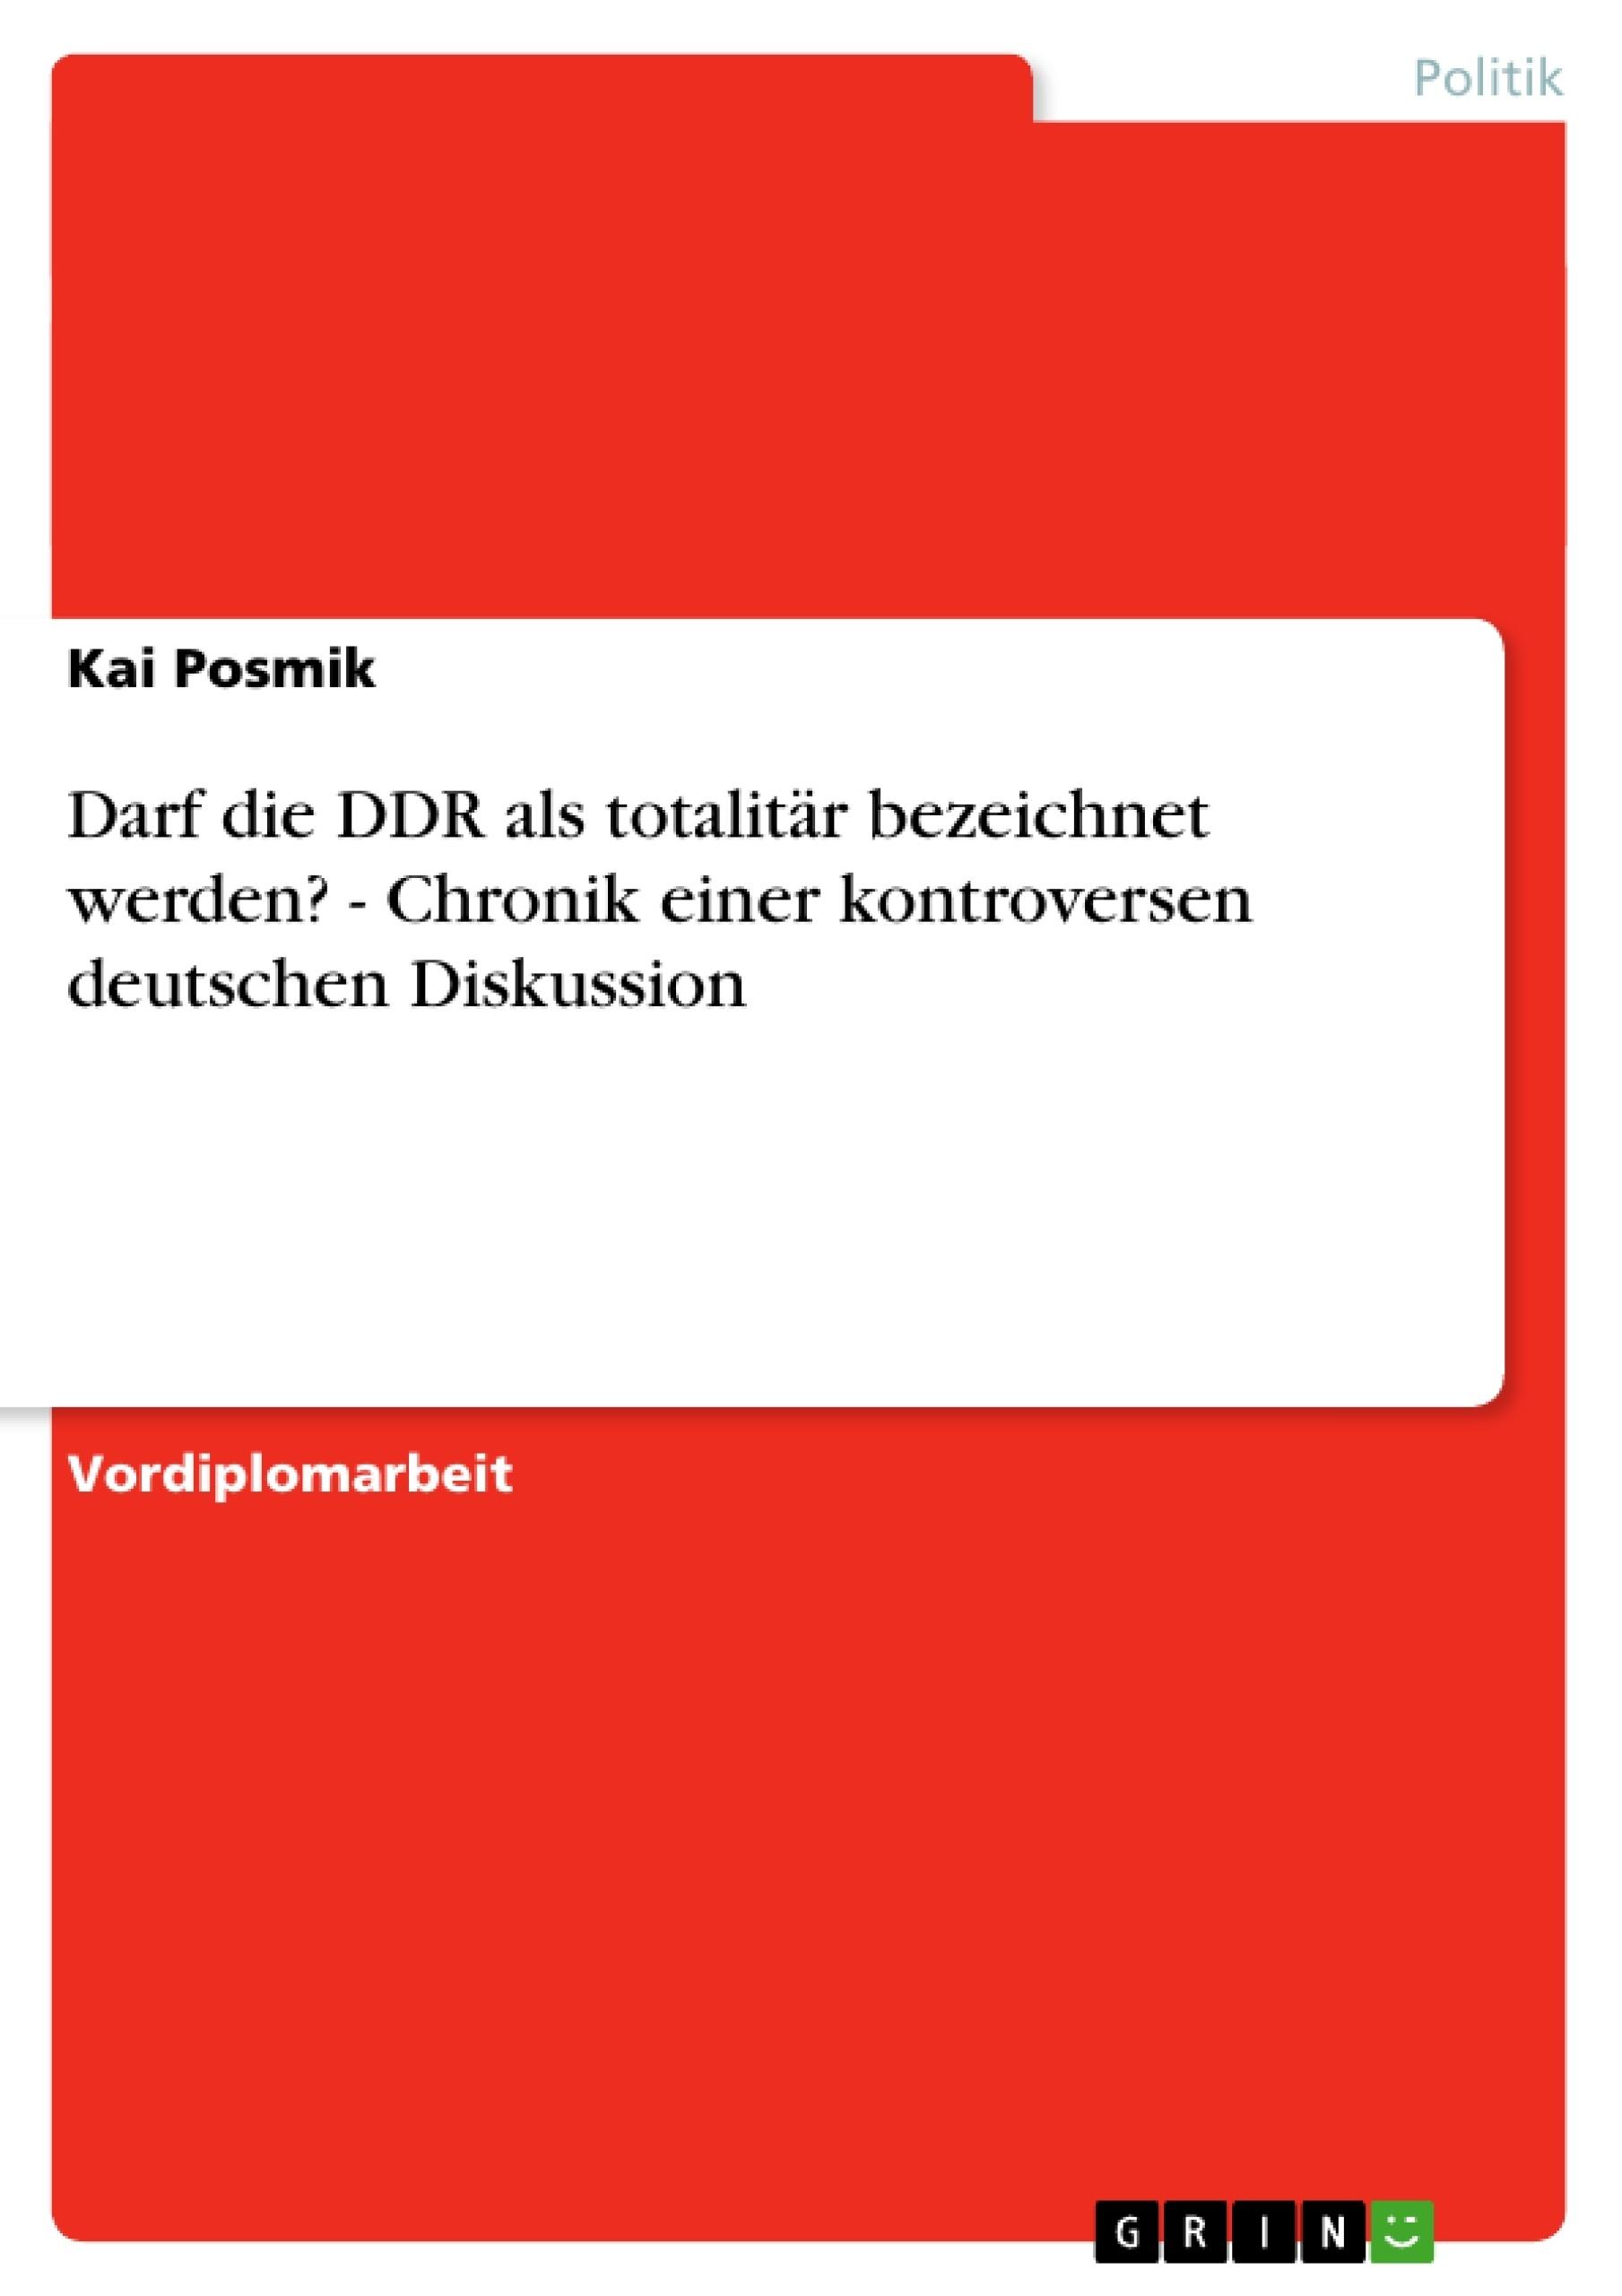 Titel: Darf die DDR als totalitär bezeichnet werden? - Chronik einer kontroversen deutschen Diskussion